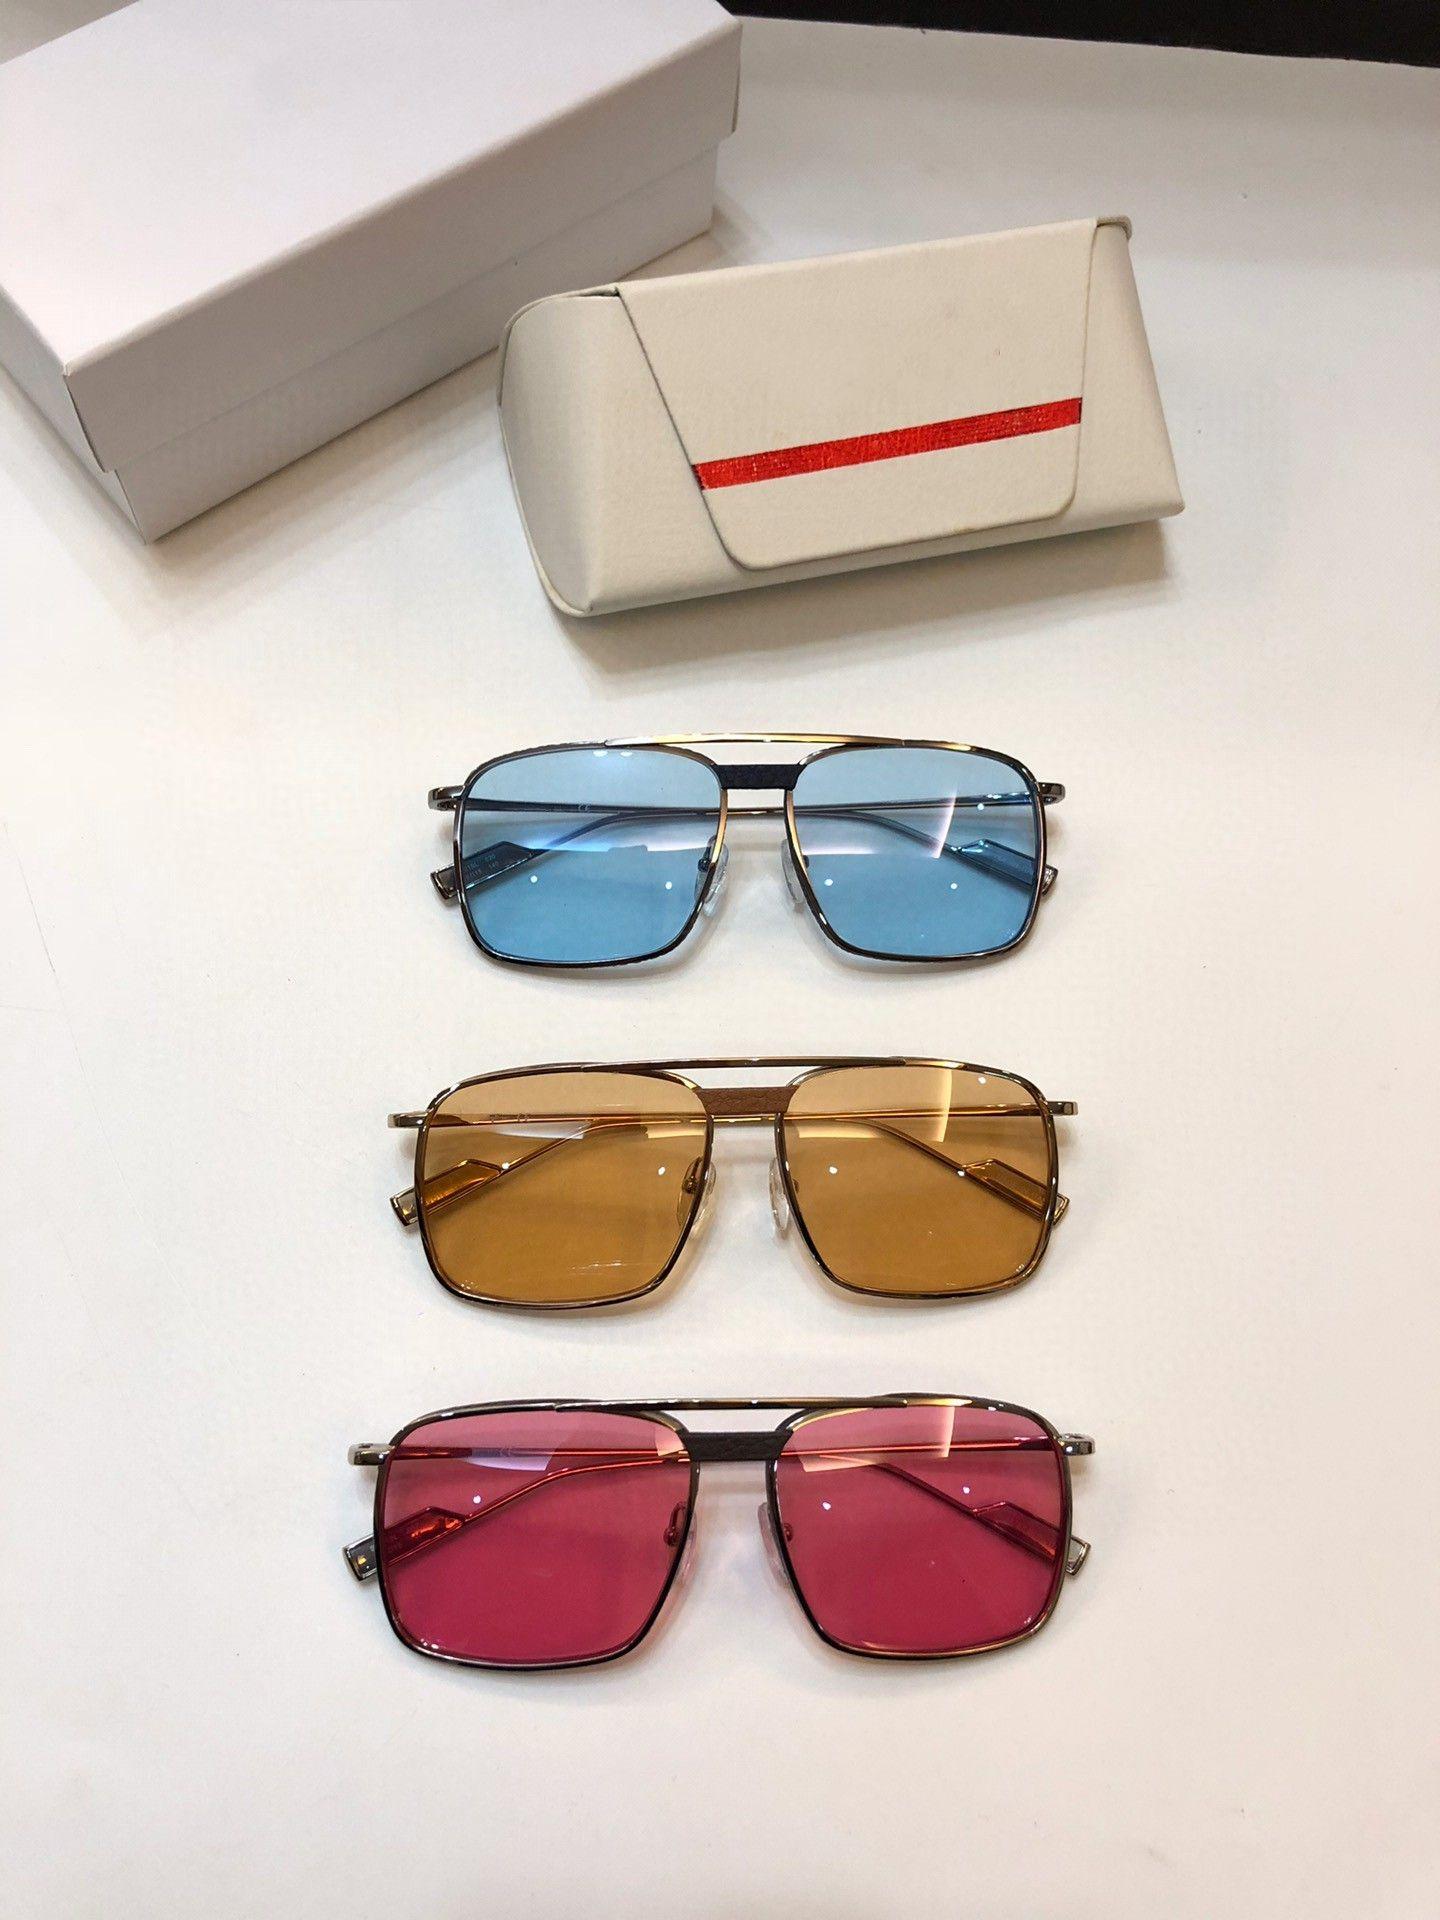 Luxus-Sonnenbrille Mens-Sonnenbrille Frauen klassische heiße Art Planke Metallrahmen 221 uv400 Schutz im Freien eyewear Top-Qualität mit